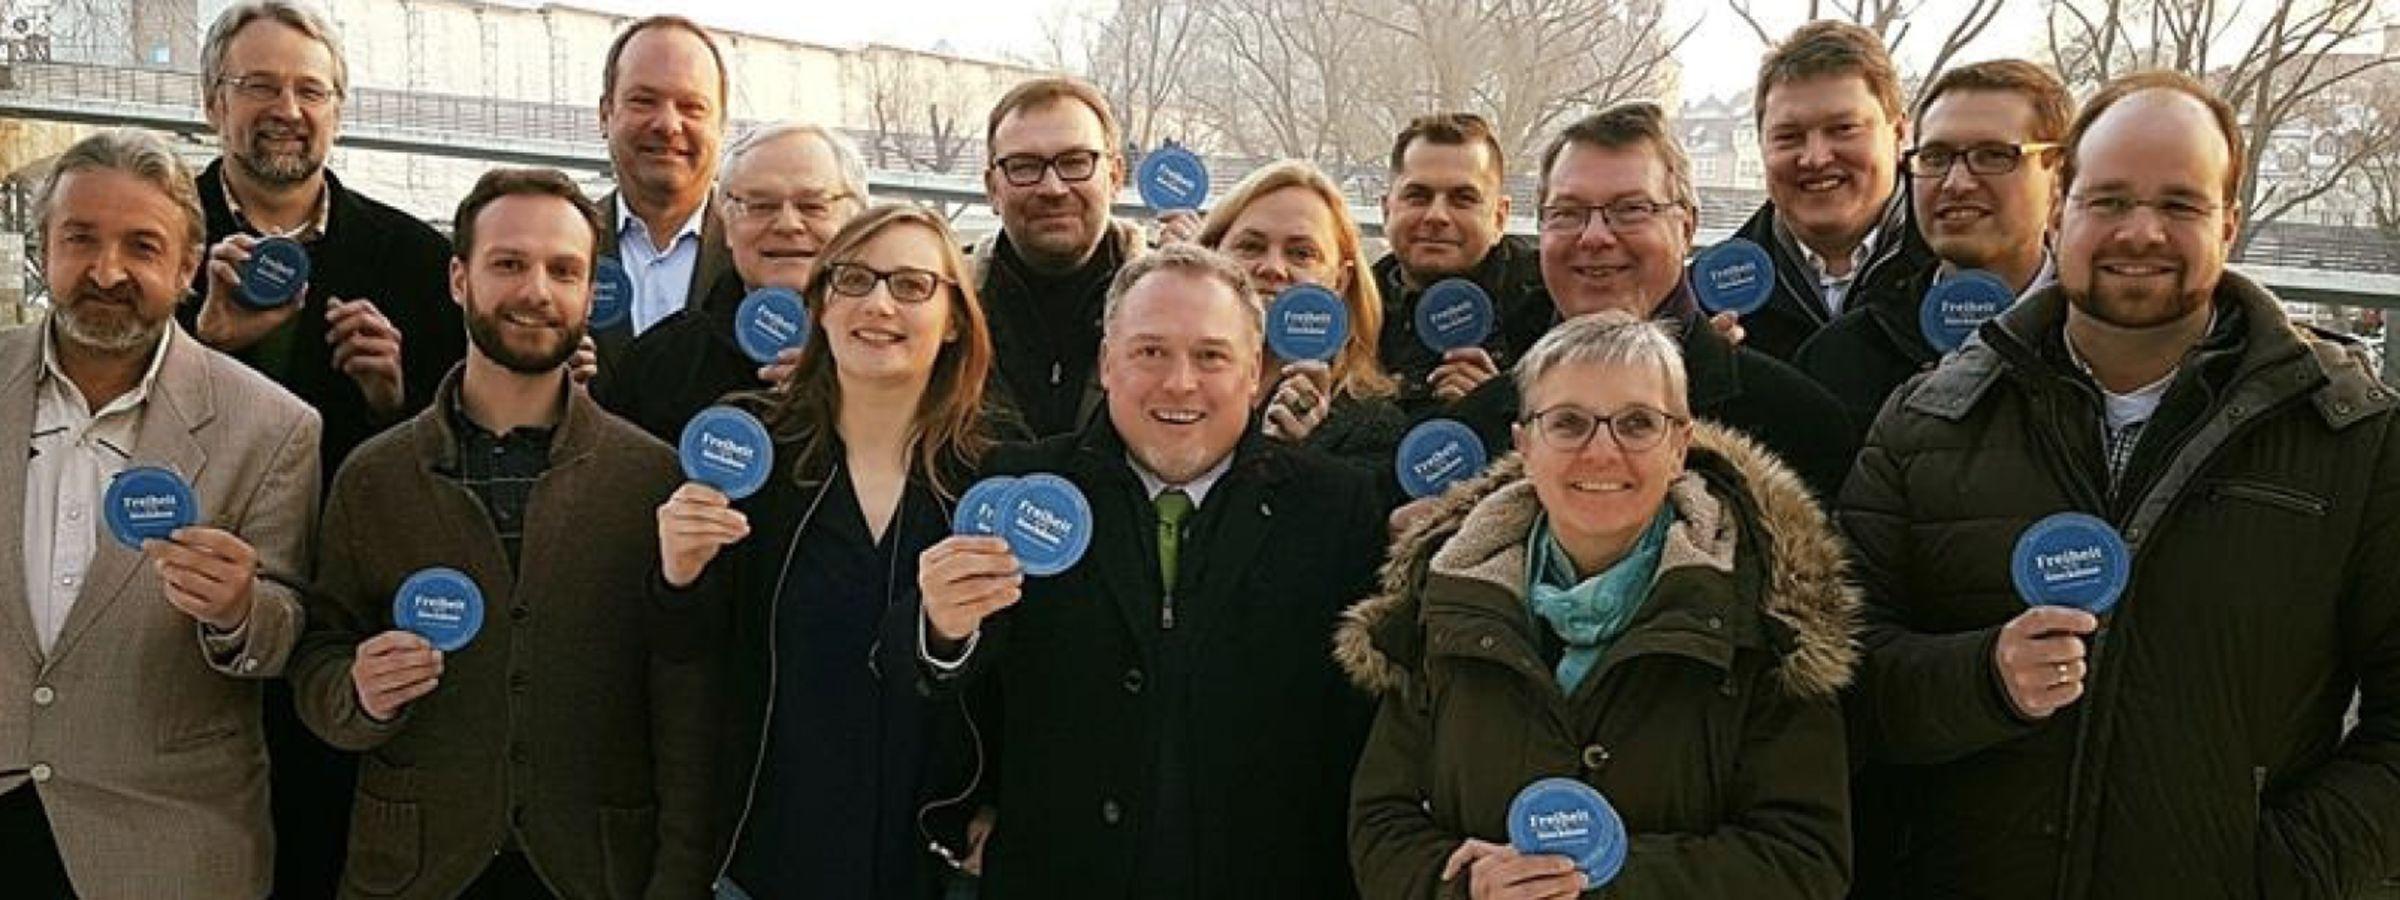 Gemeinsam mehr erreichen: Mitglieder von Bürgerenergie Bayern